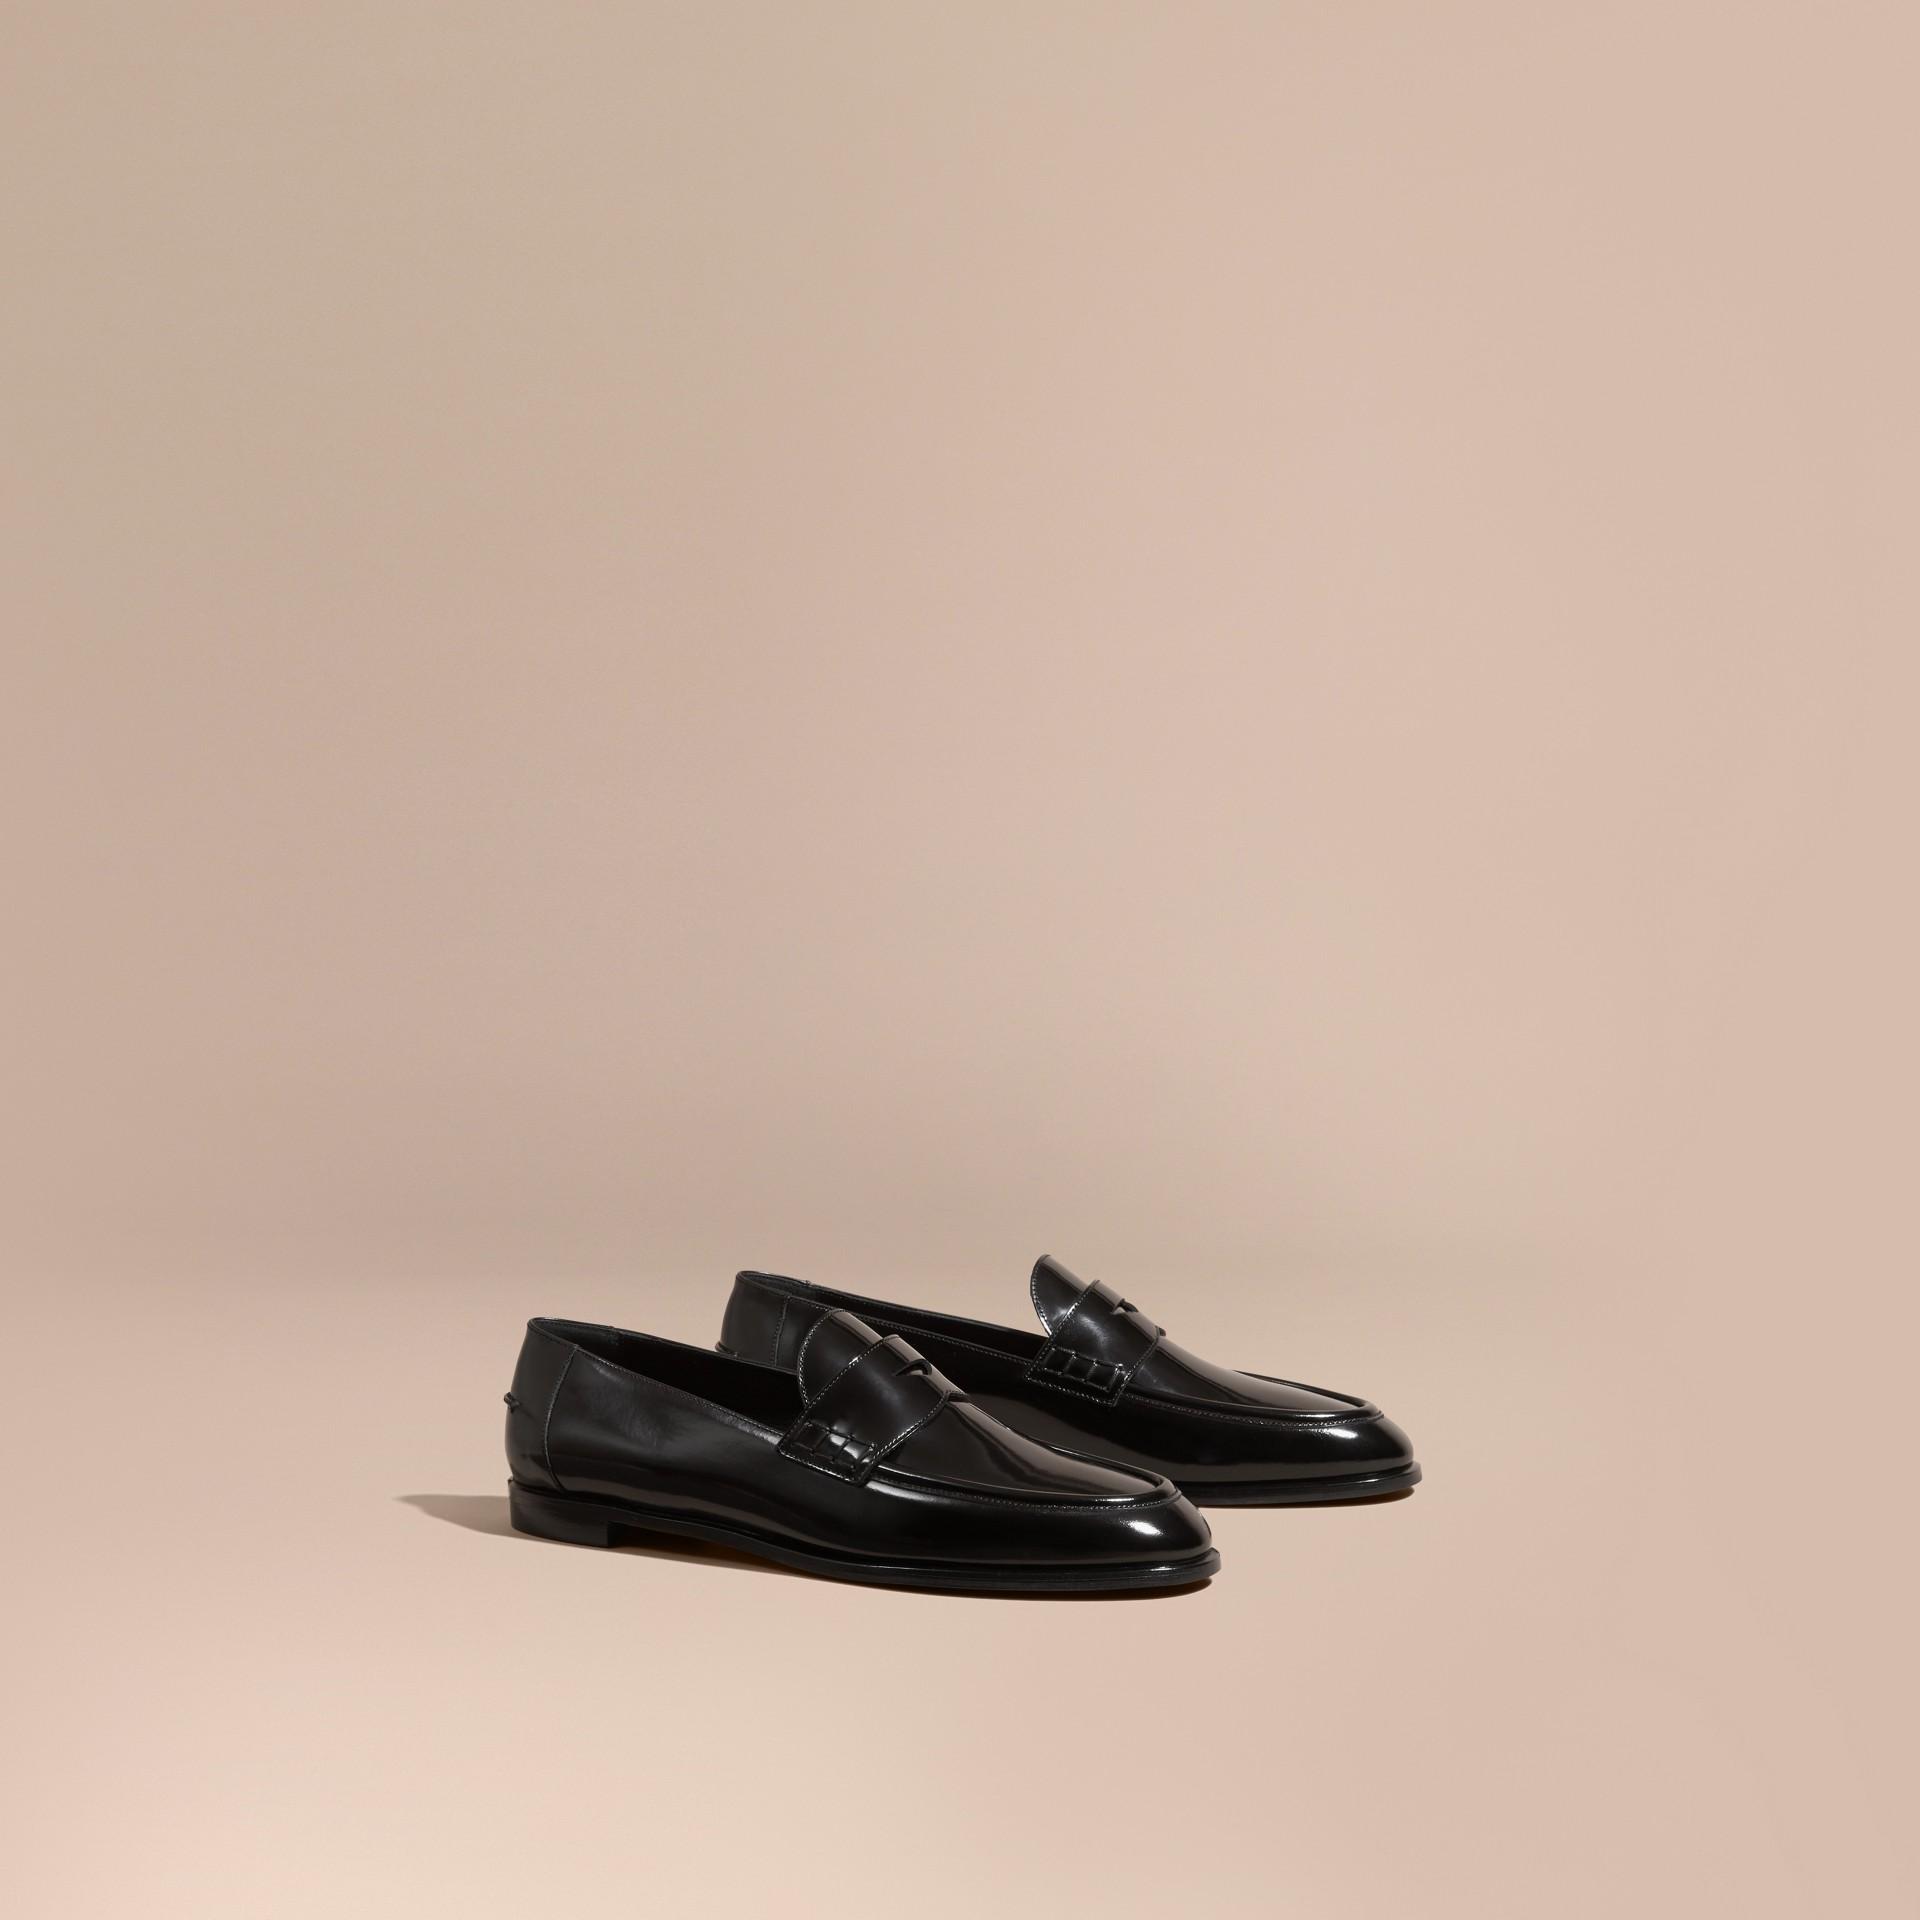 Nero Mocassini in pelle lucida - immagine della galleria 1